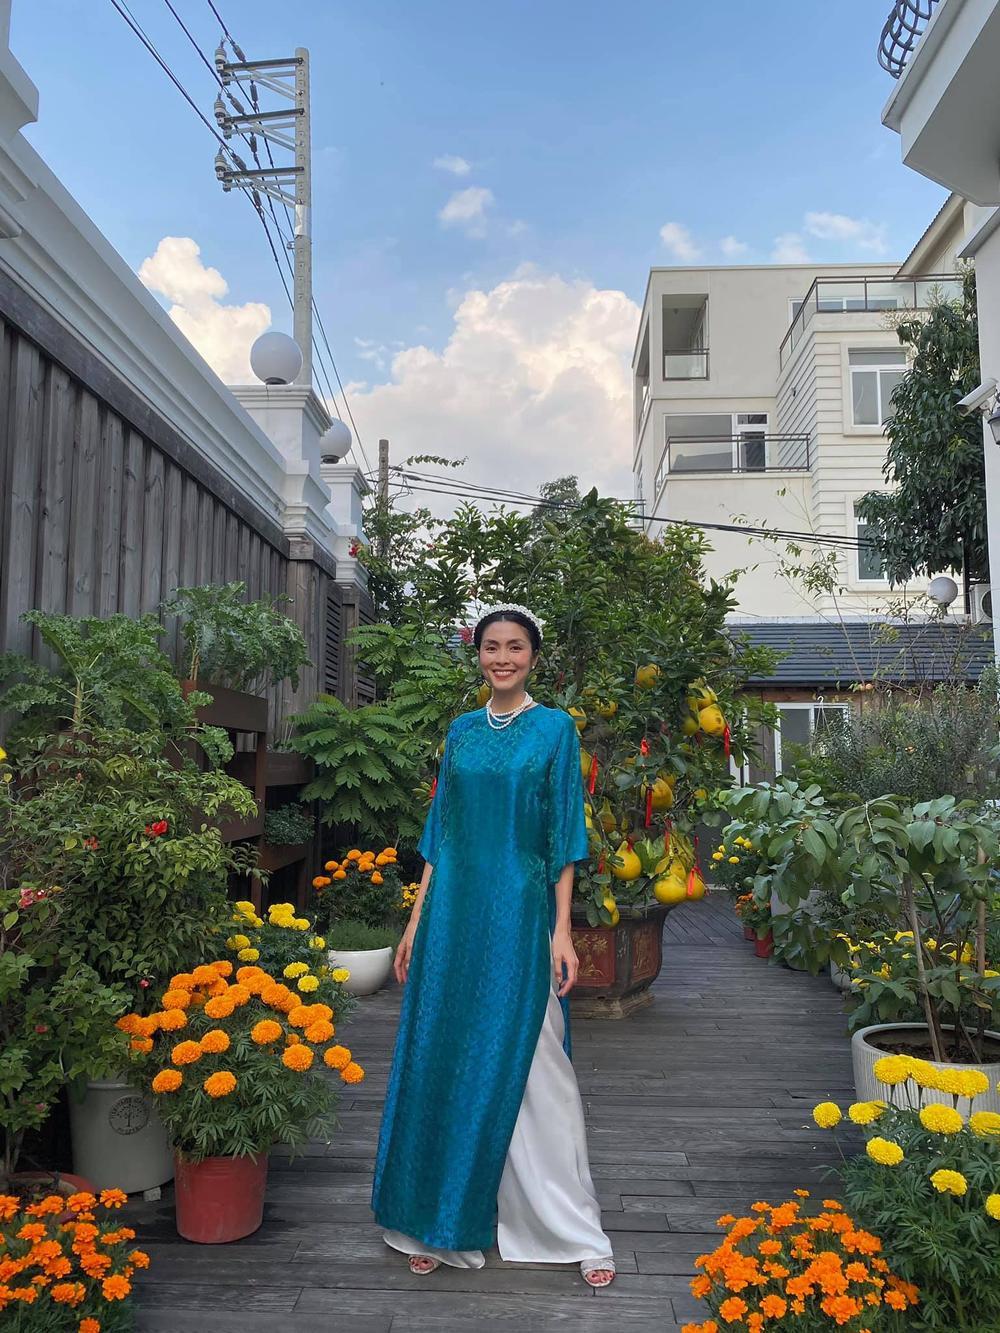 Sao Việt trang trí nhà cửa đón Tết: Ngọc Trinh - Bảo Thy chơi trội, Hà Tăng đơn giản nhưng vẫn 'xịn xò' Ảnh 12